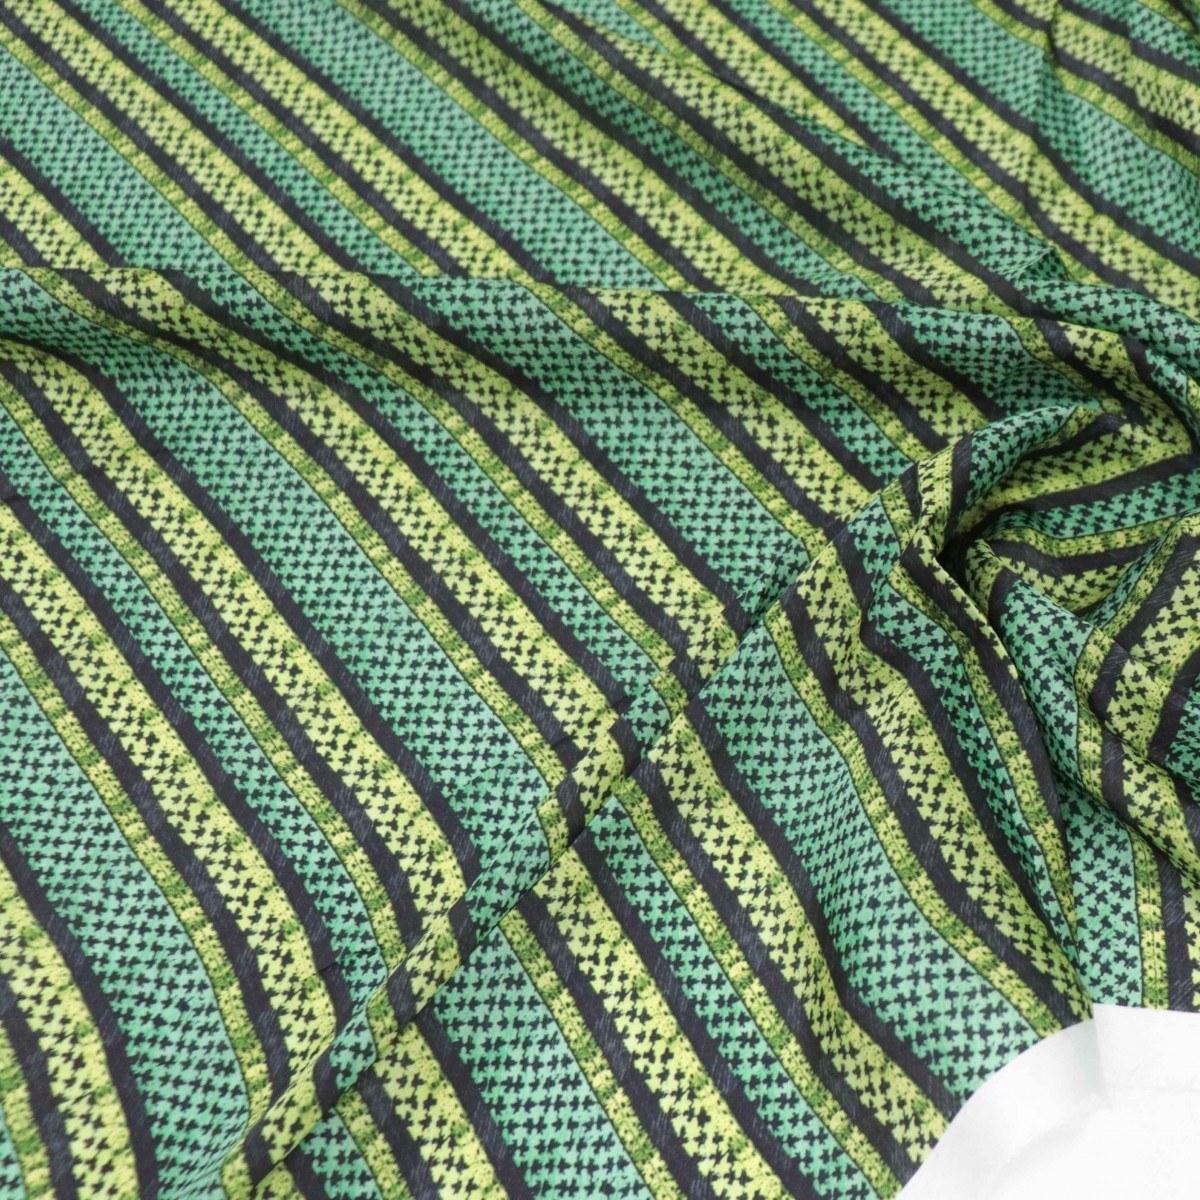 Tecido Crepe Silk Listras Tons de Verde